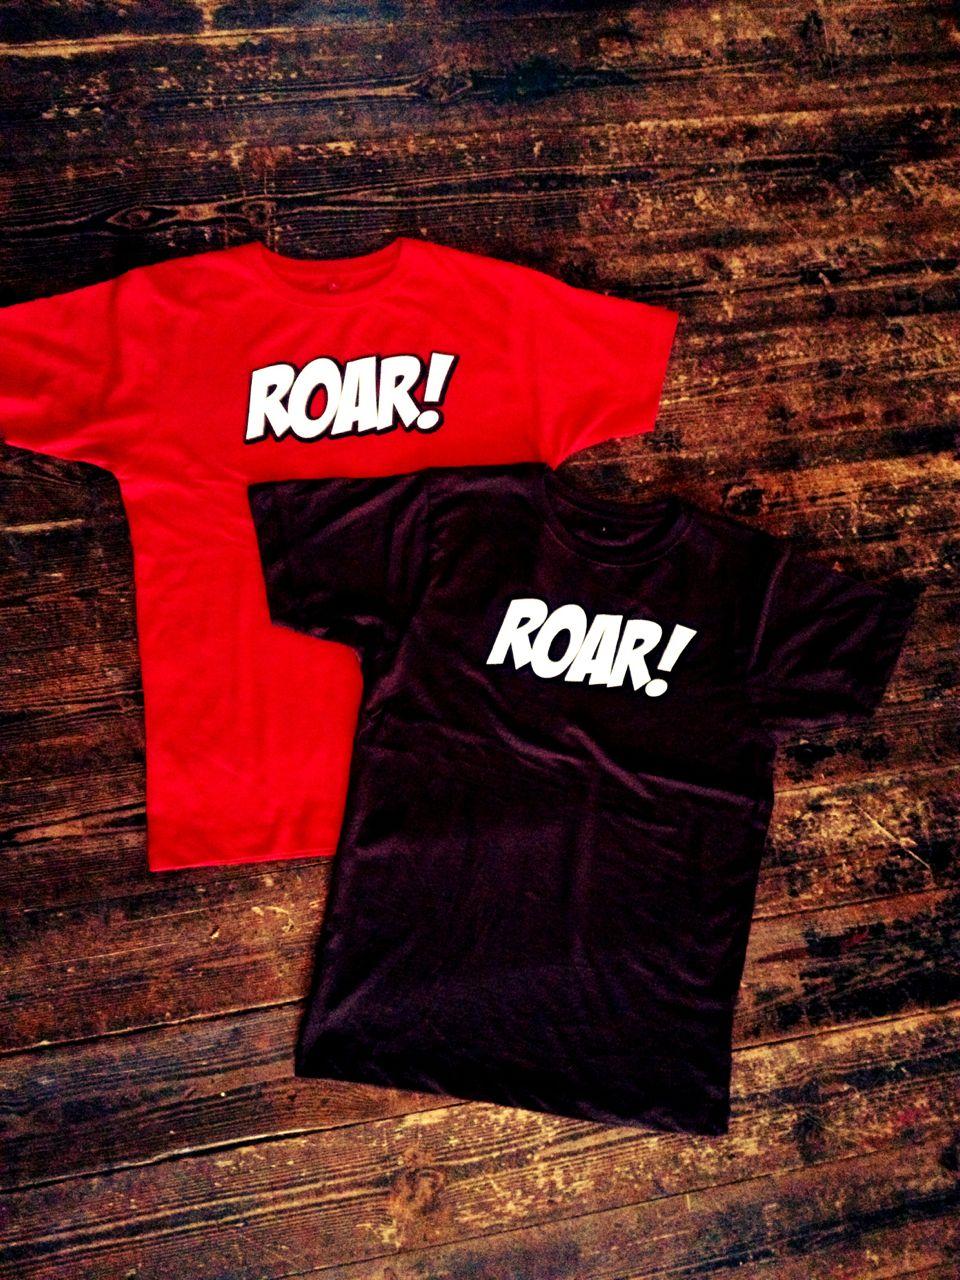 Das Shirt zum ROAR! (Making of)